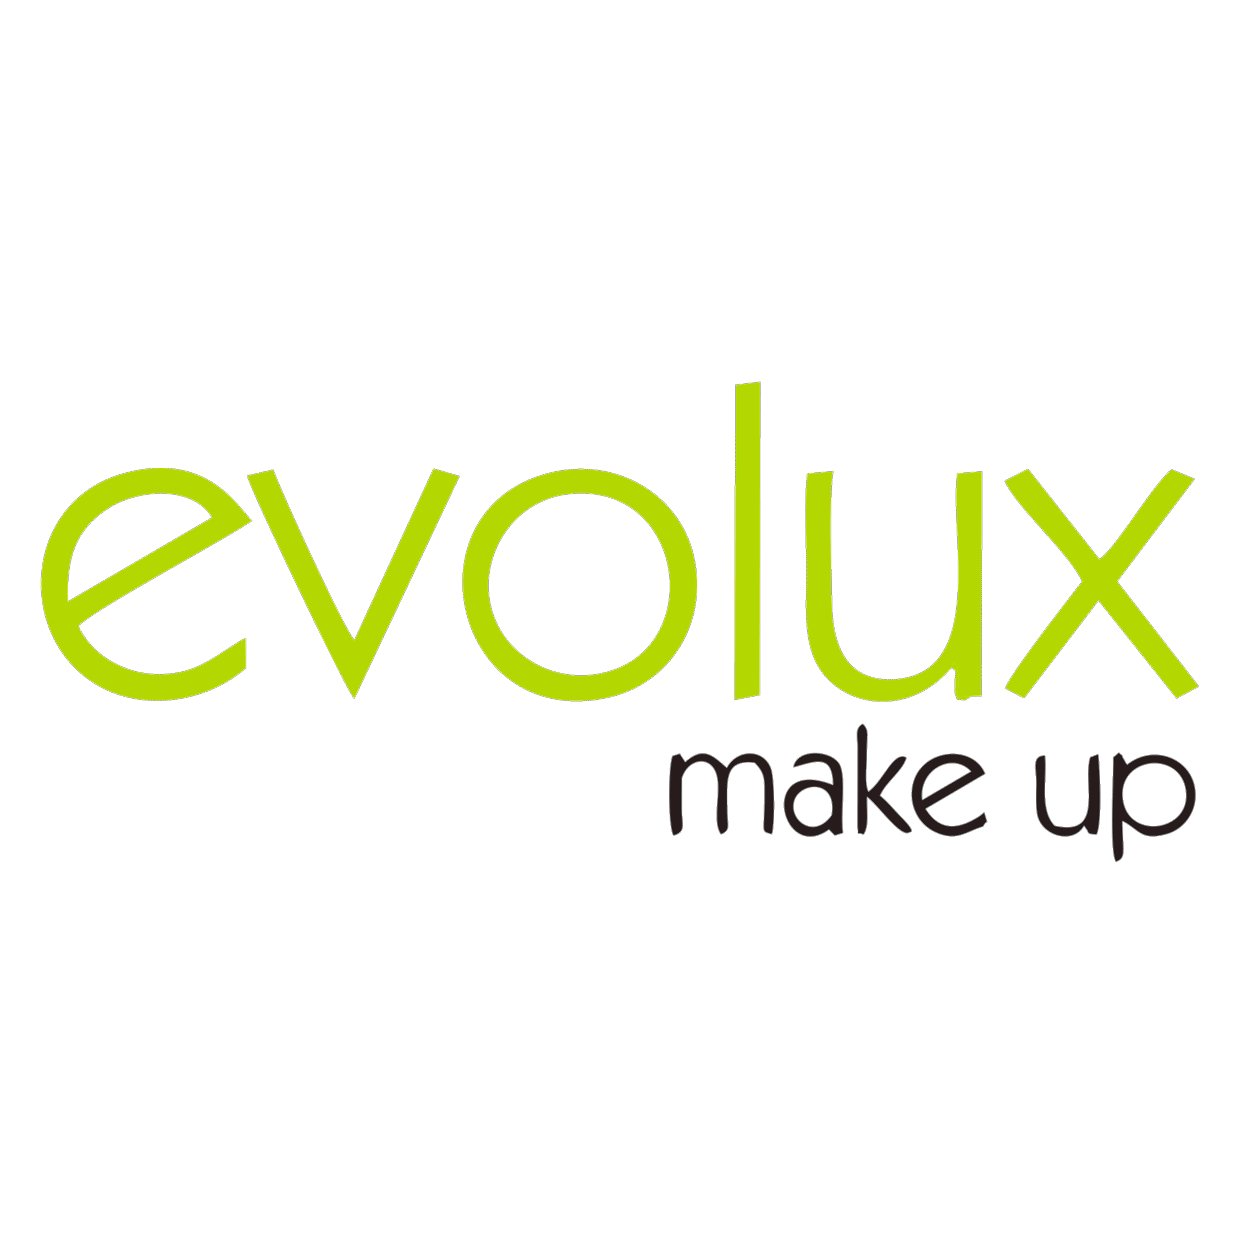 EVOLUX